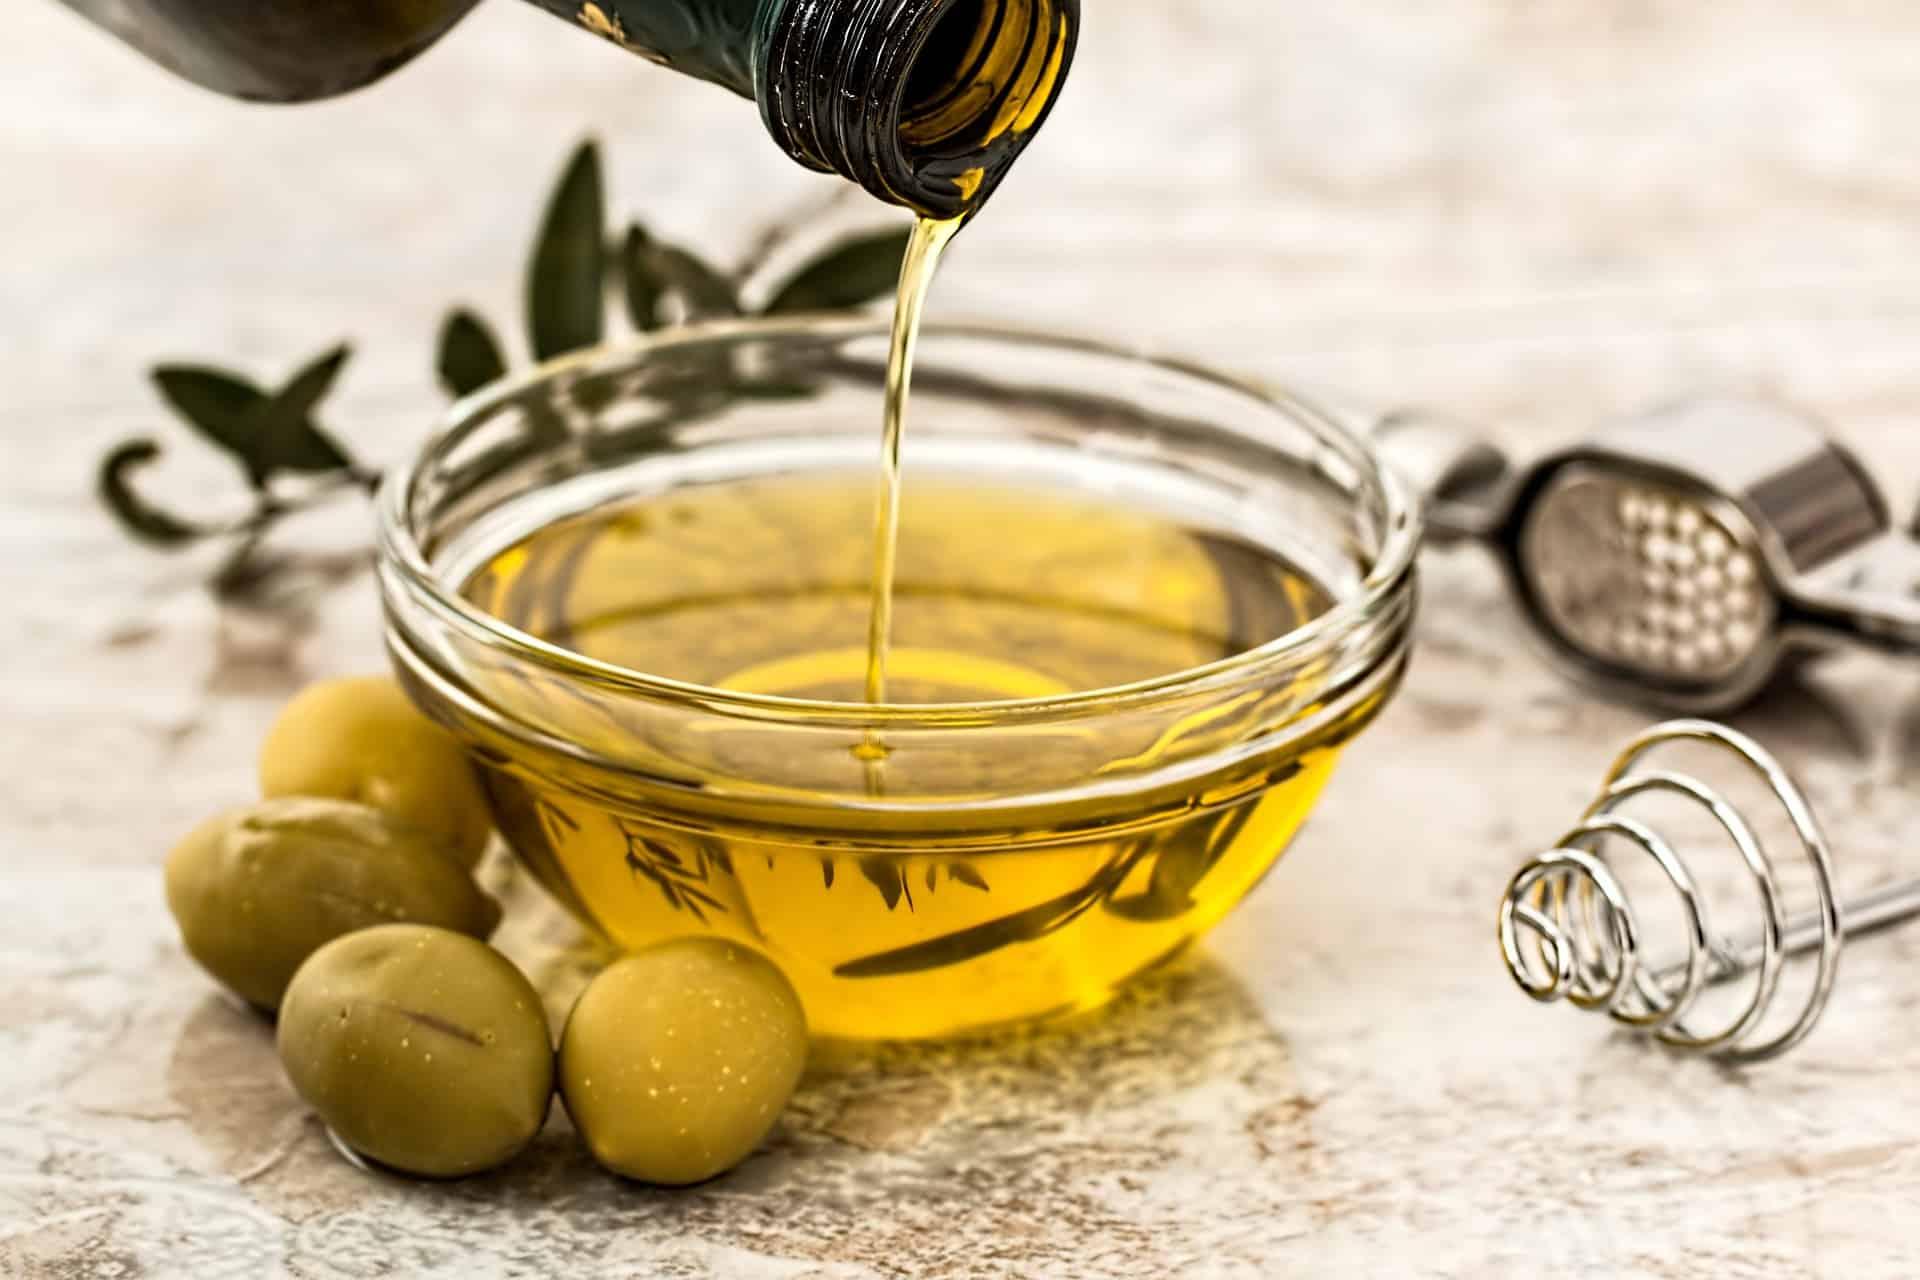 Olivenöl: Test & Empfehlungen (07/20)